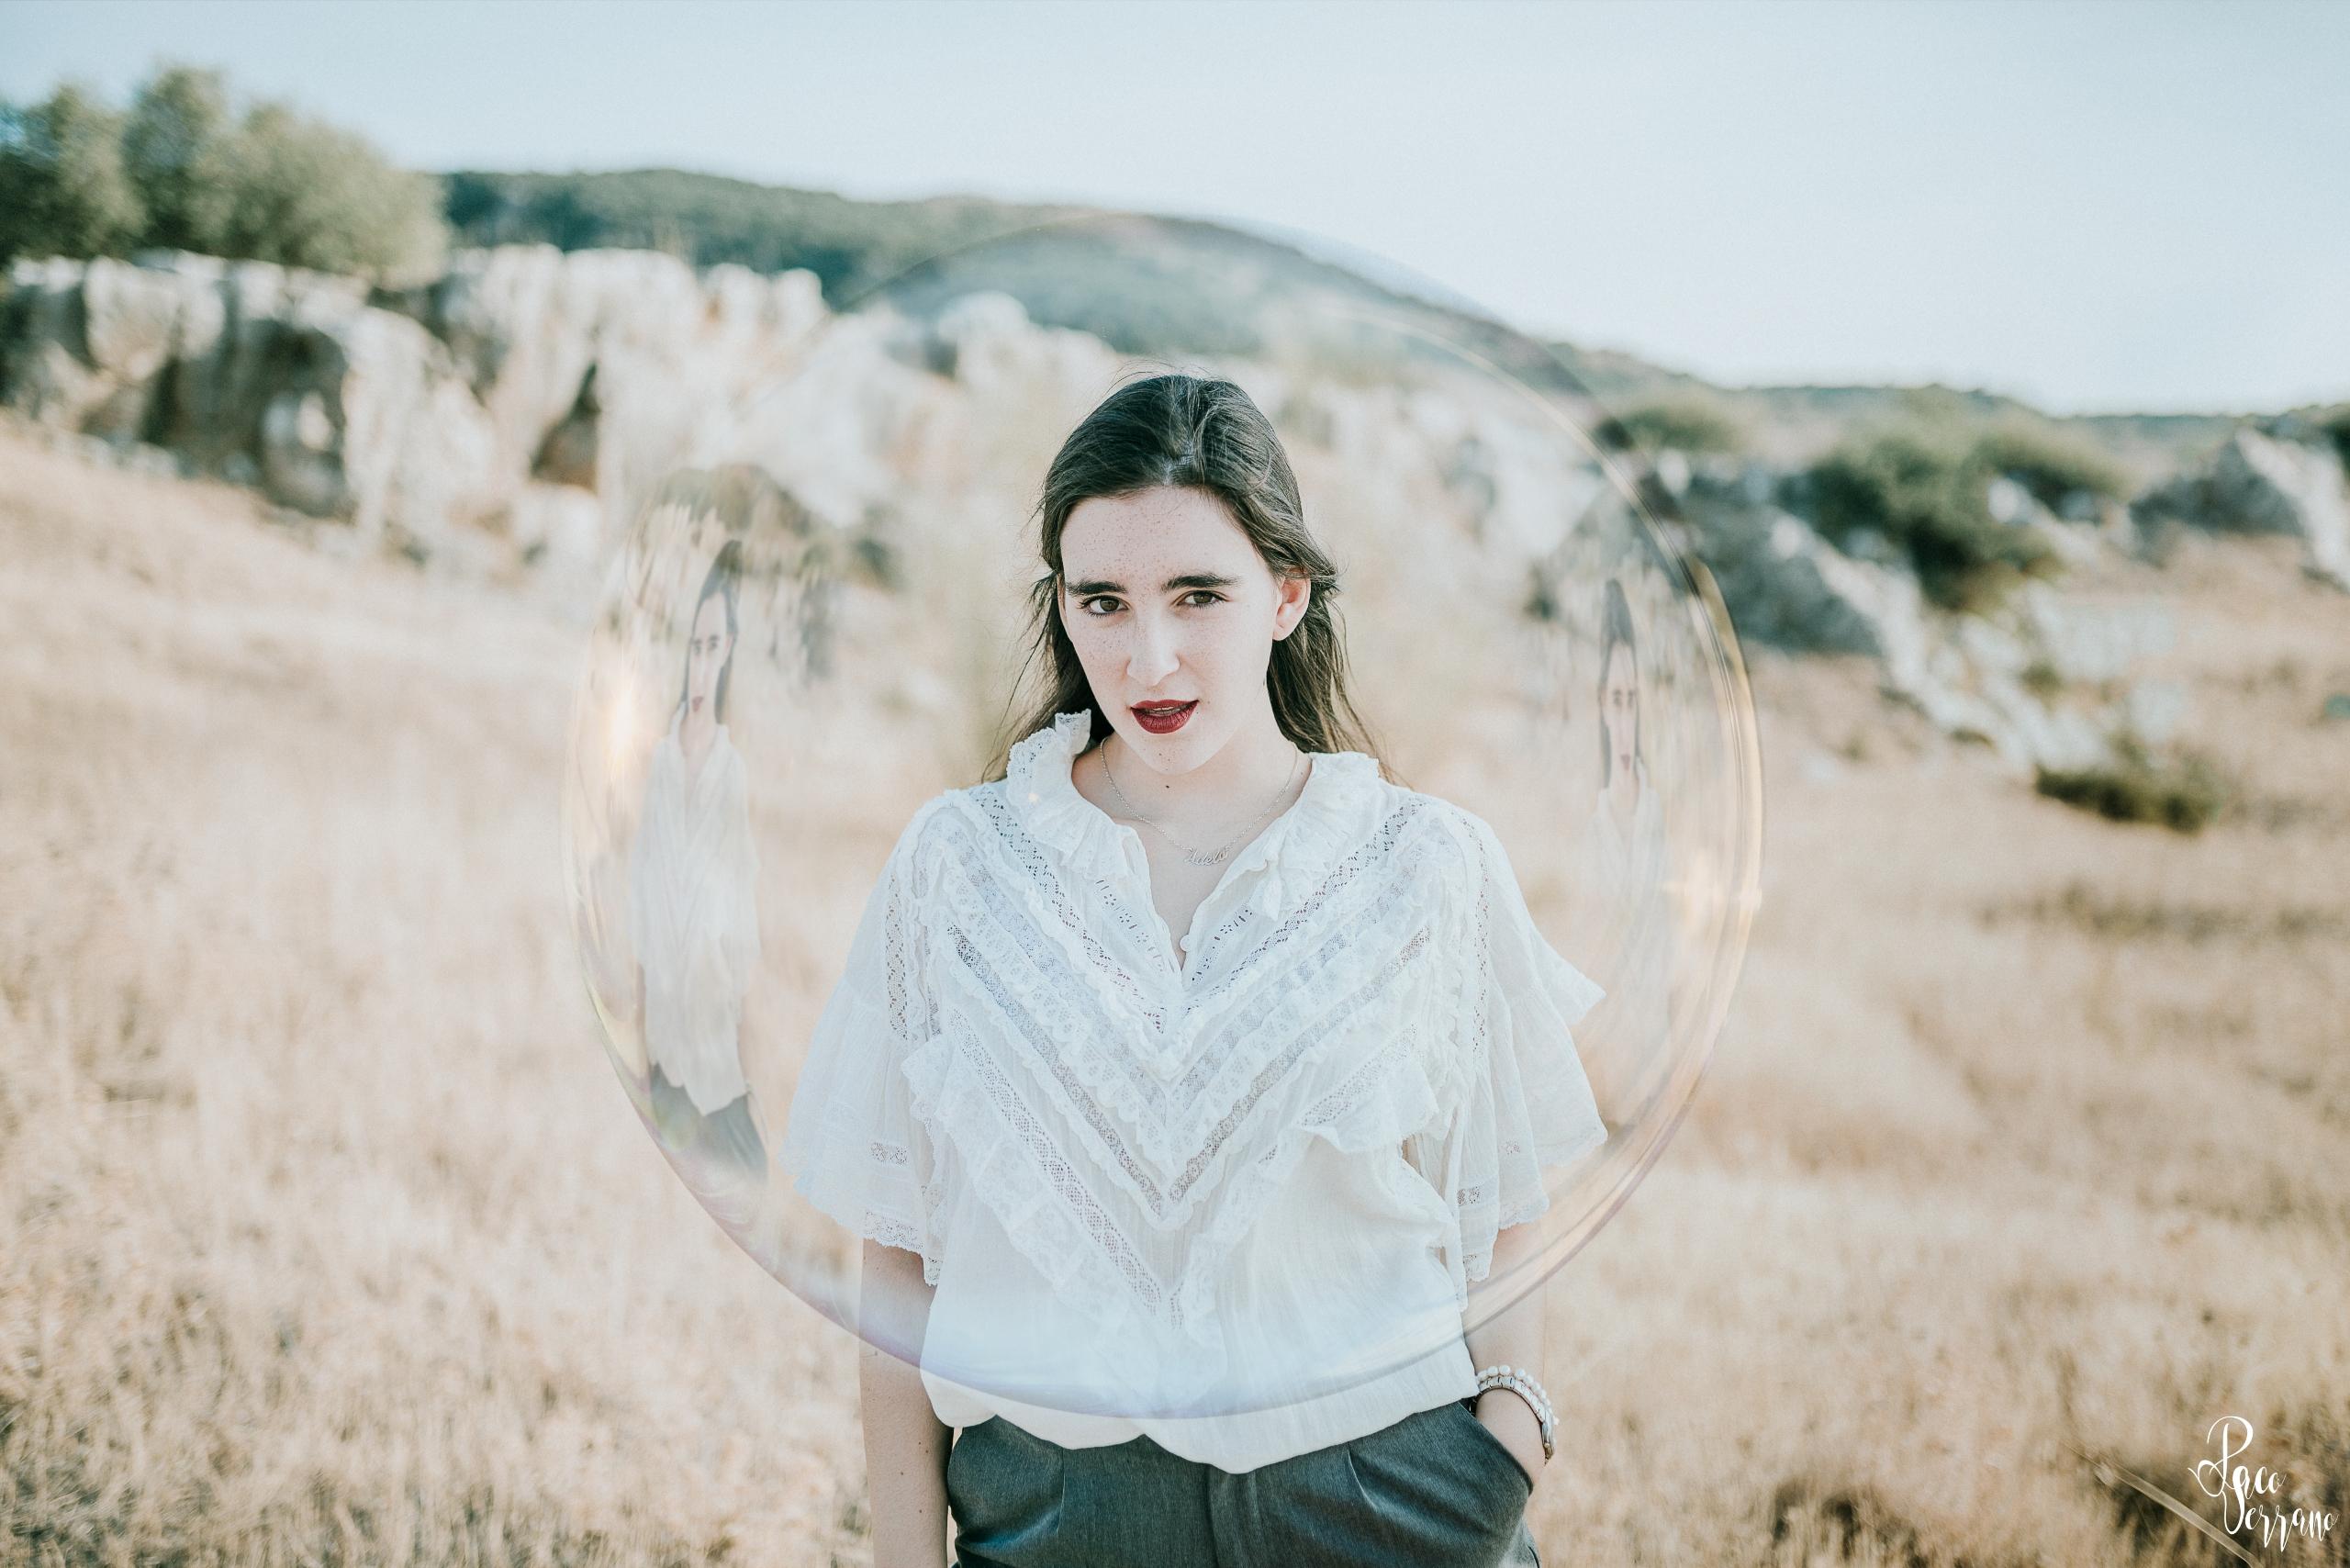 Adela - woman, portrait, girl, bubble - pacoserranofotografia | ello